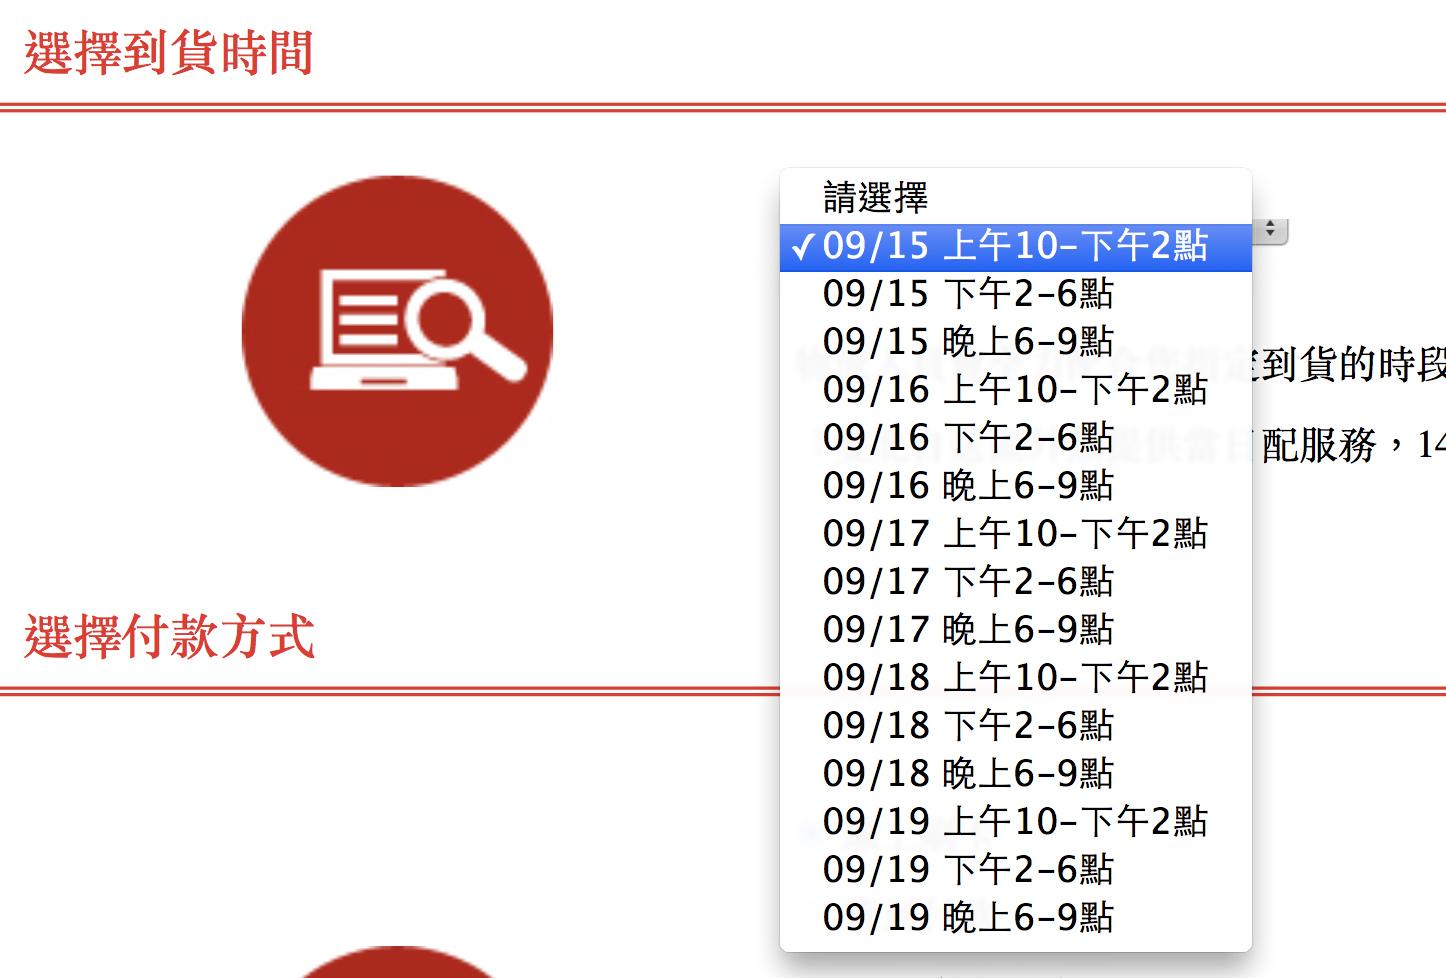 螢幕快照 2015-09-14 下午10.39.56